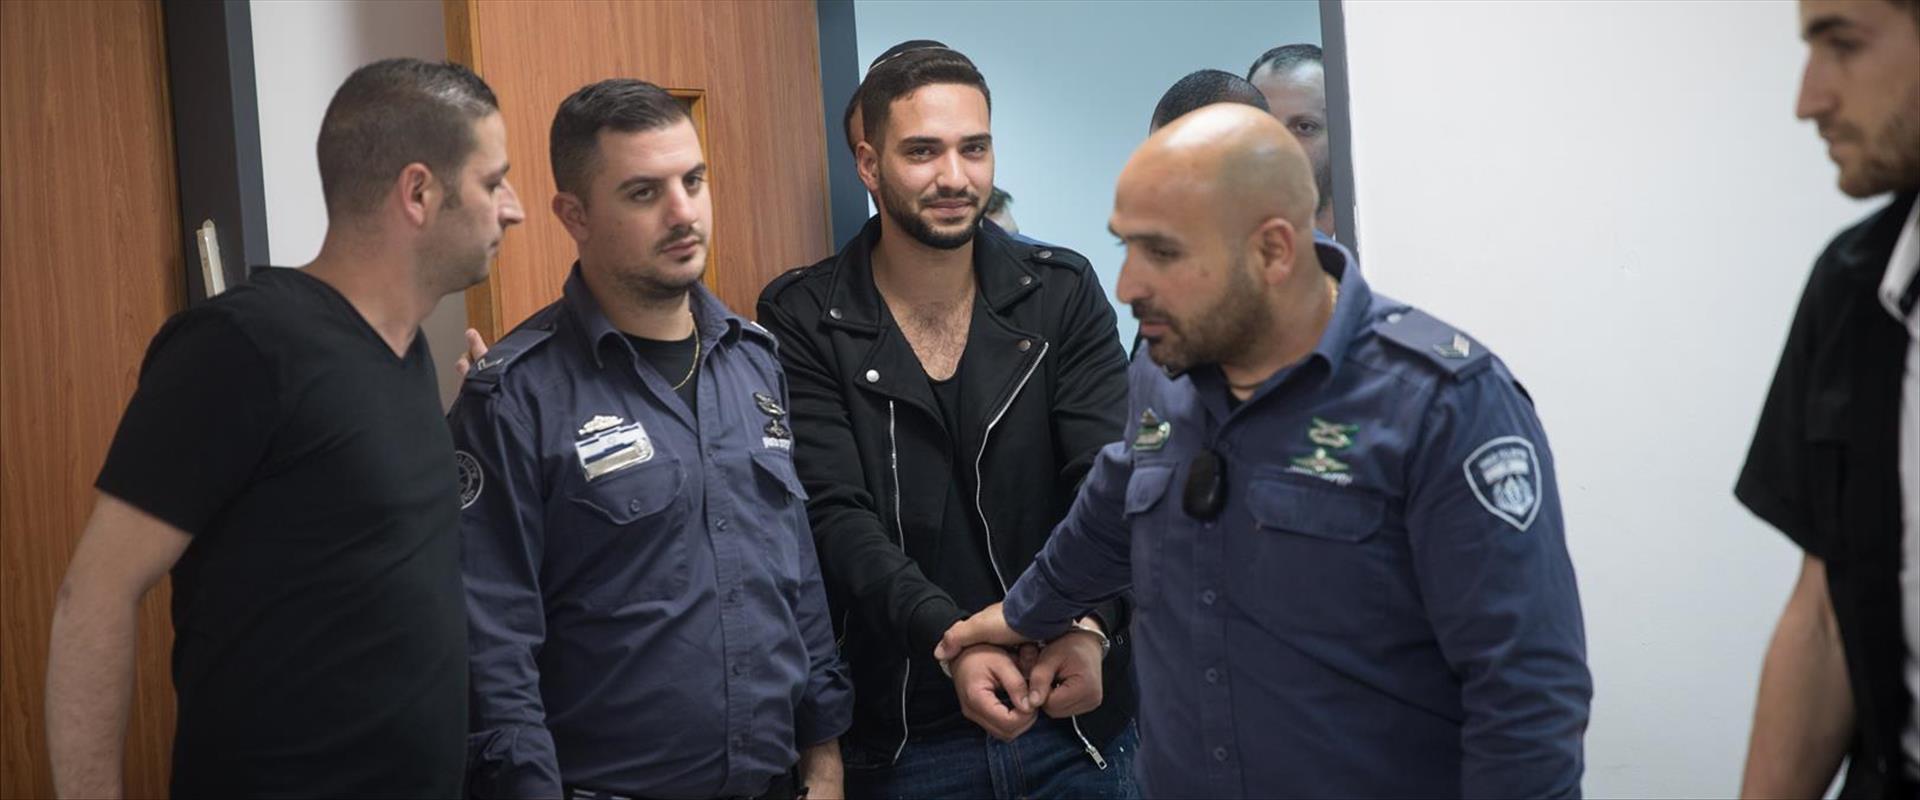 נתנאל סנדרוסי, פגע וברח בירושלים, תאונה